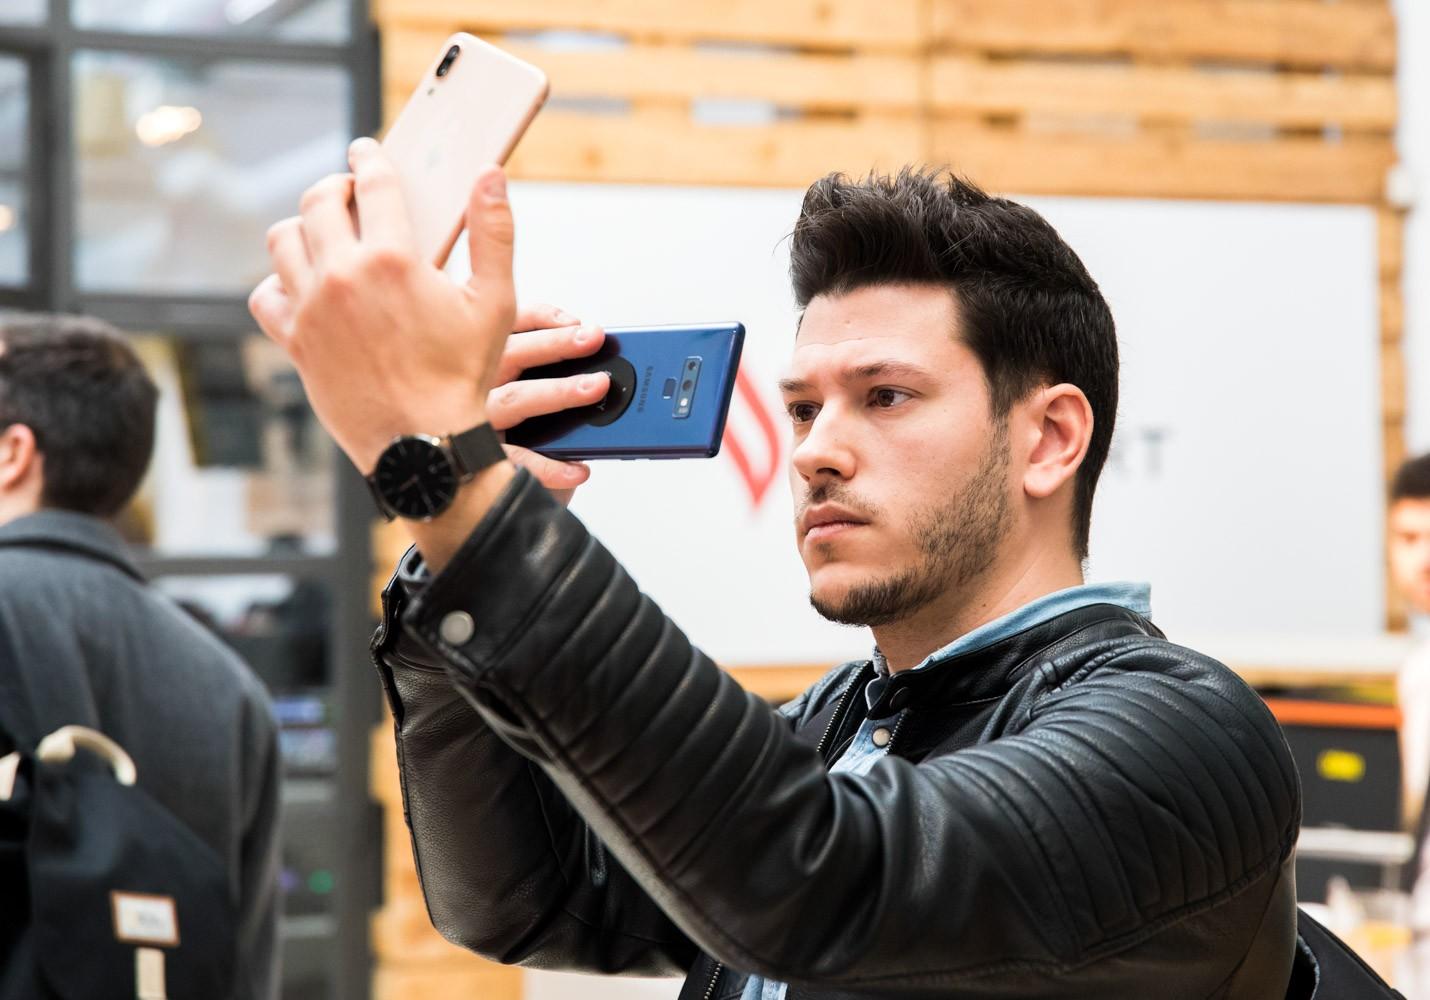 Điện thoại Vsmart chính thức ra mắt tại thị trường Tây Ban Nha, phân phối trên gần 90 cửa hàng - Ảnh 4.